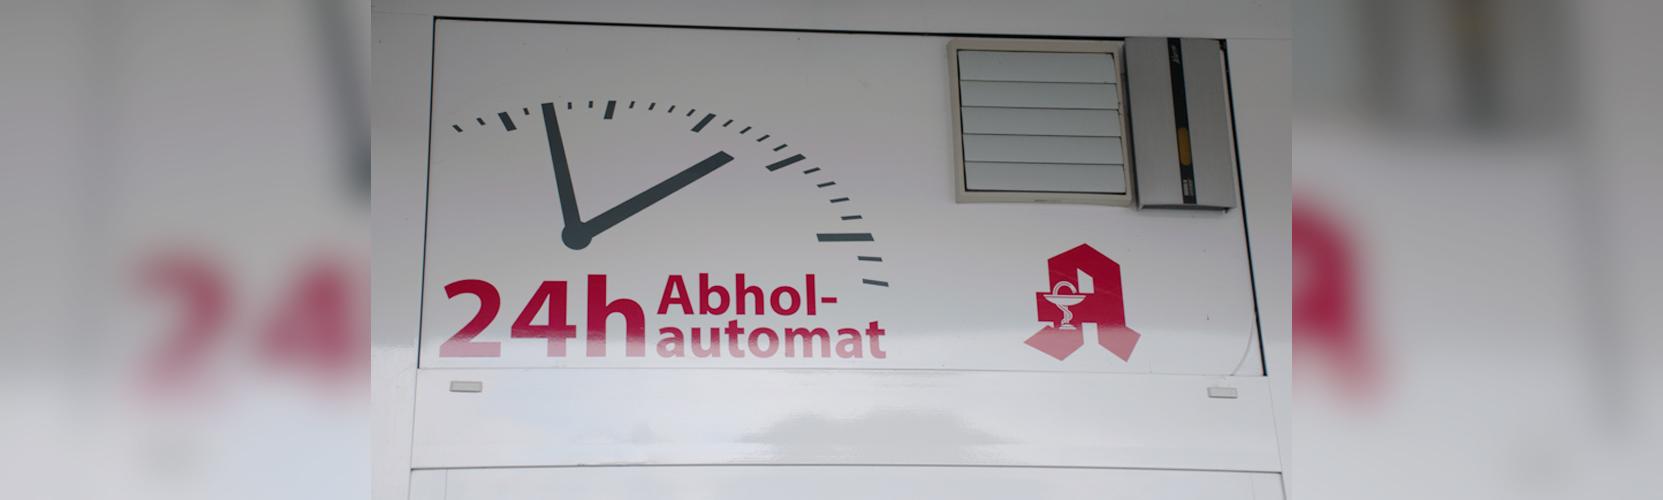 Kur Apotheke 24 Stunden Abholautomat